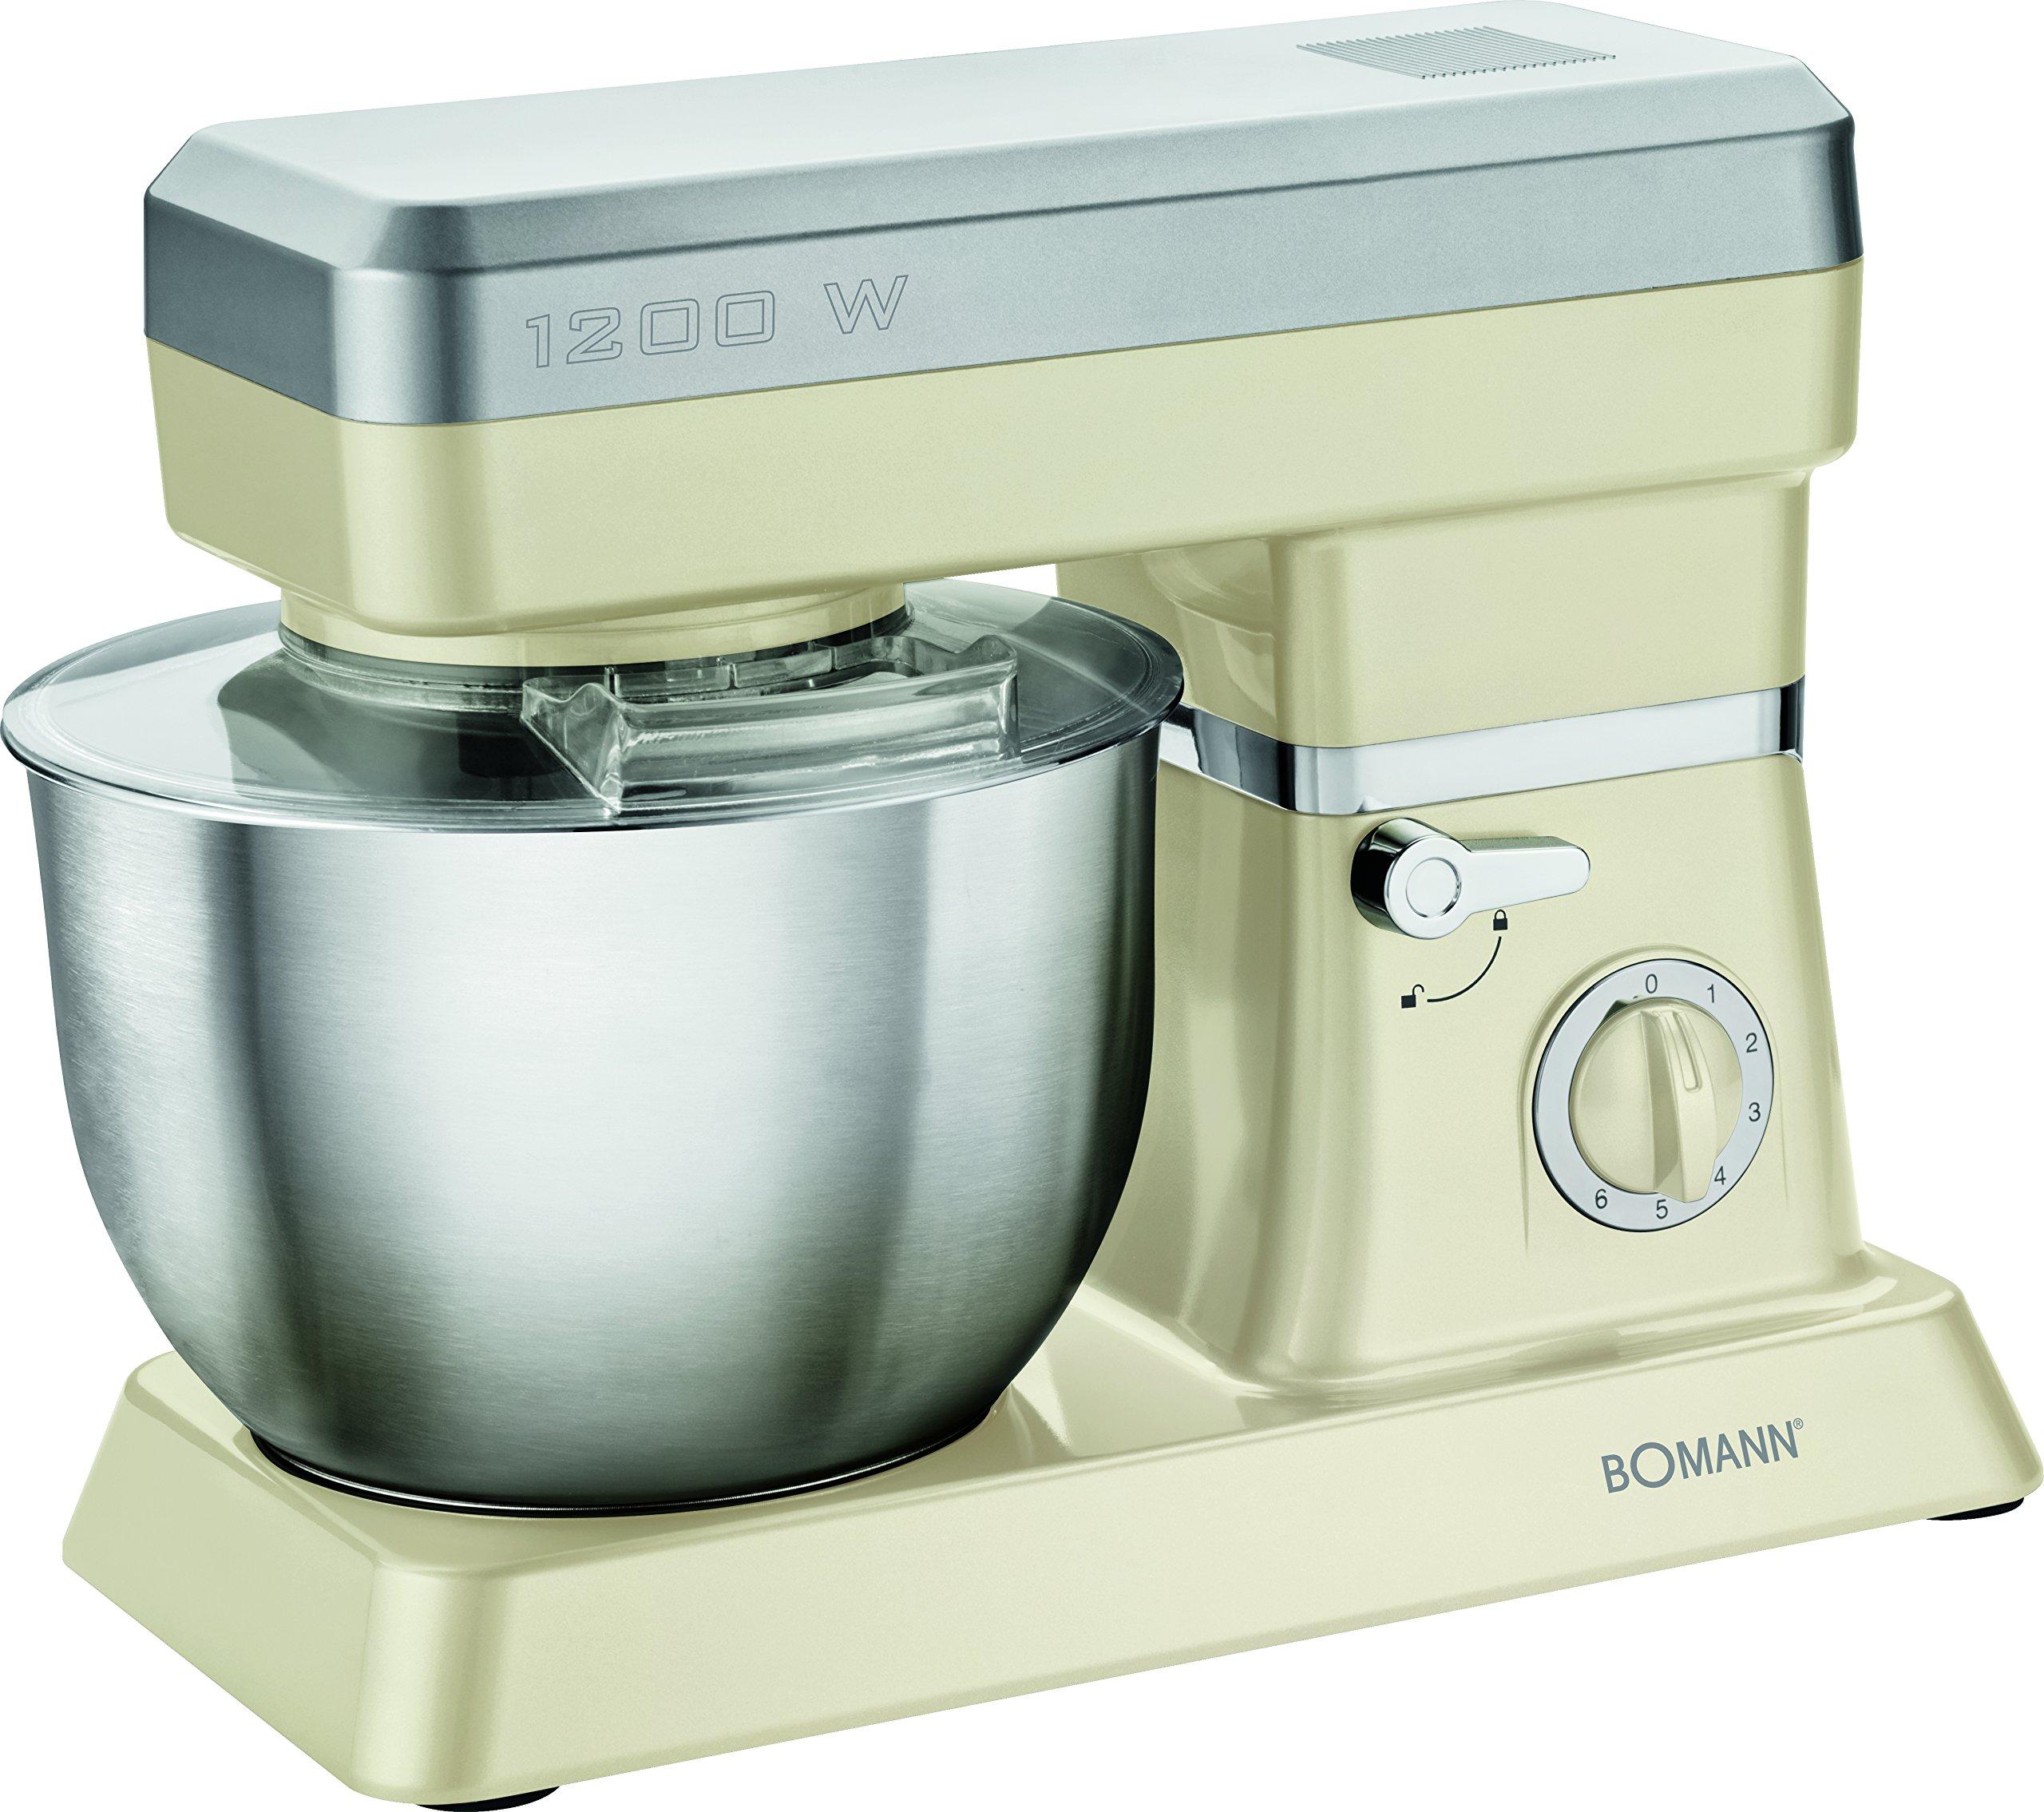 Bomann-Kchenmaschine